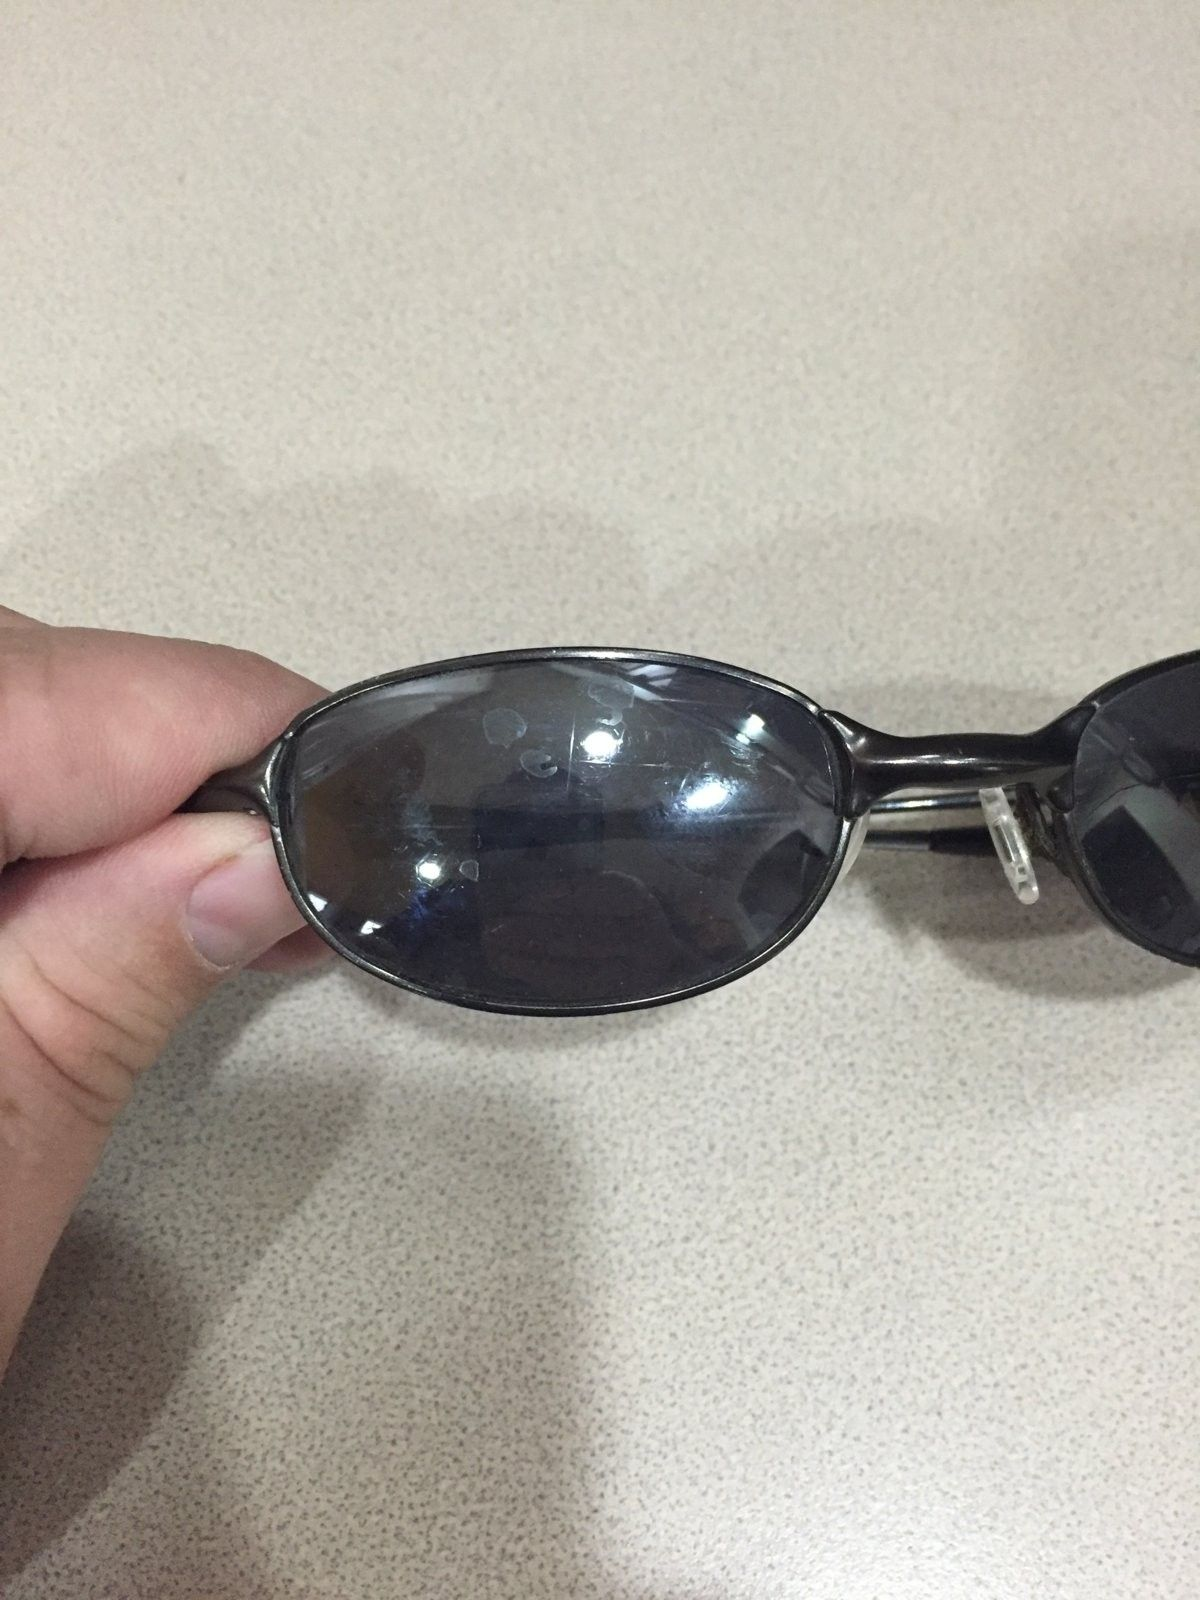 Help Identifiying these glasses - image.jpeg